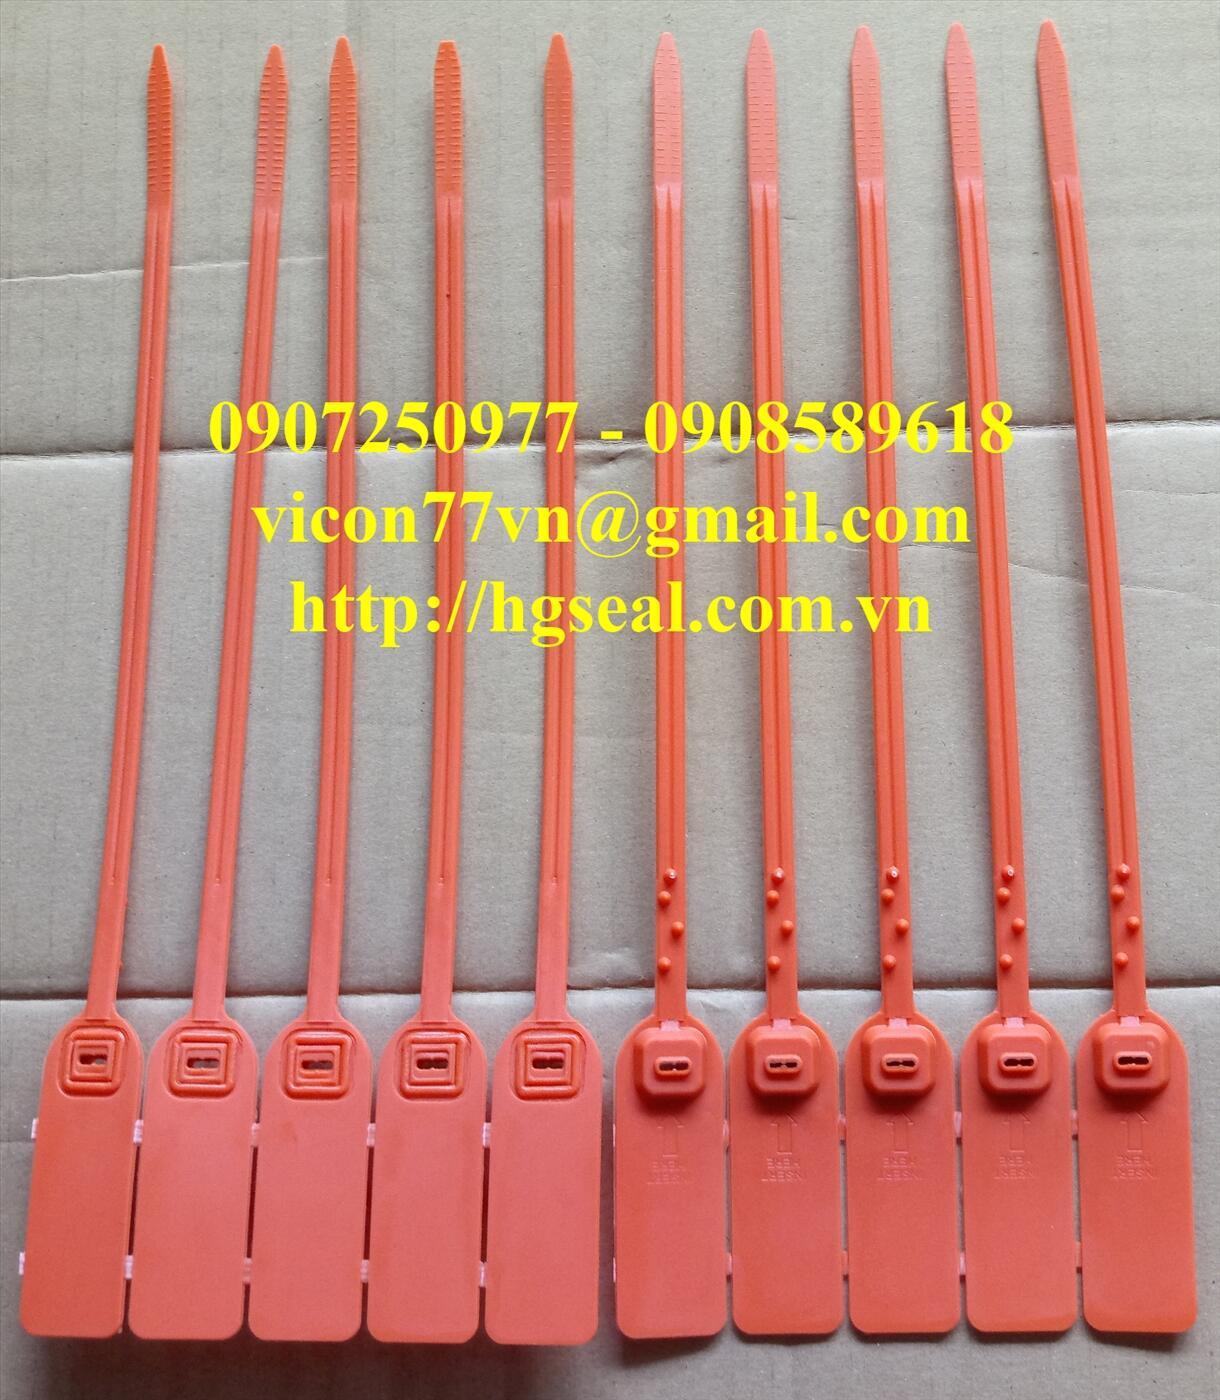 Seal dây rút dẹt khóa kim loại 31 cm